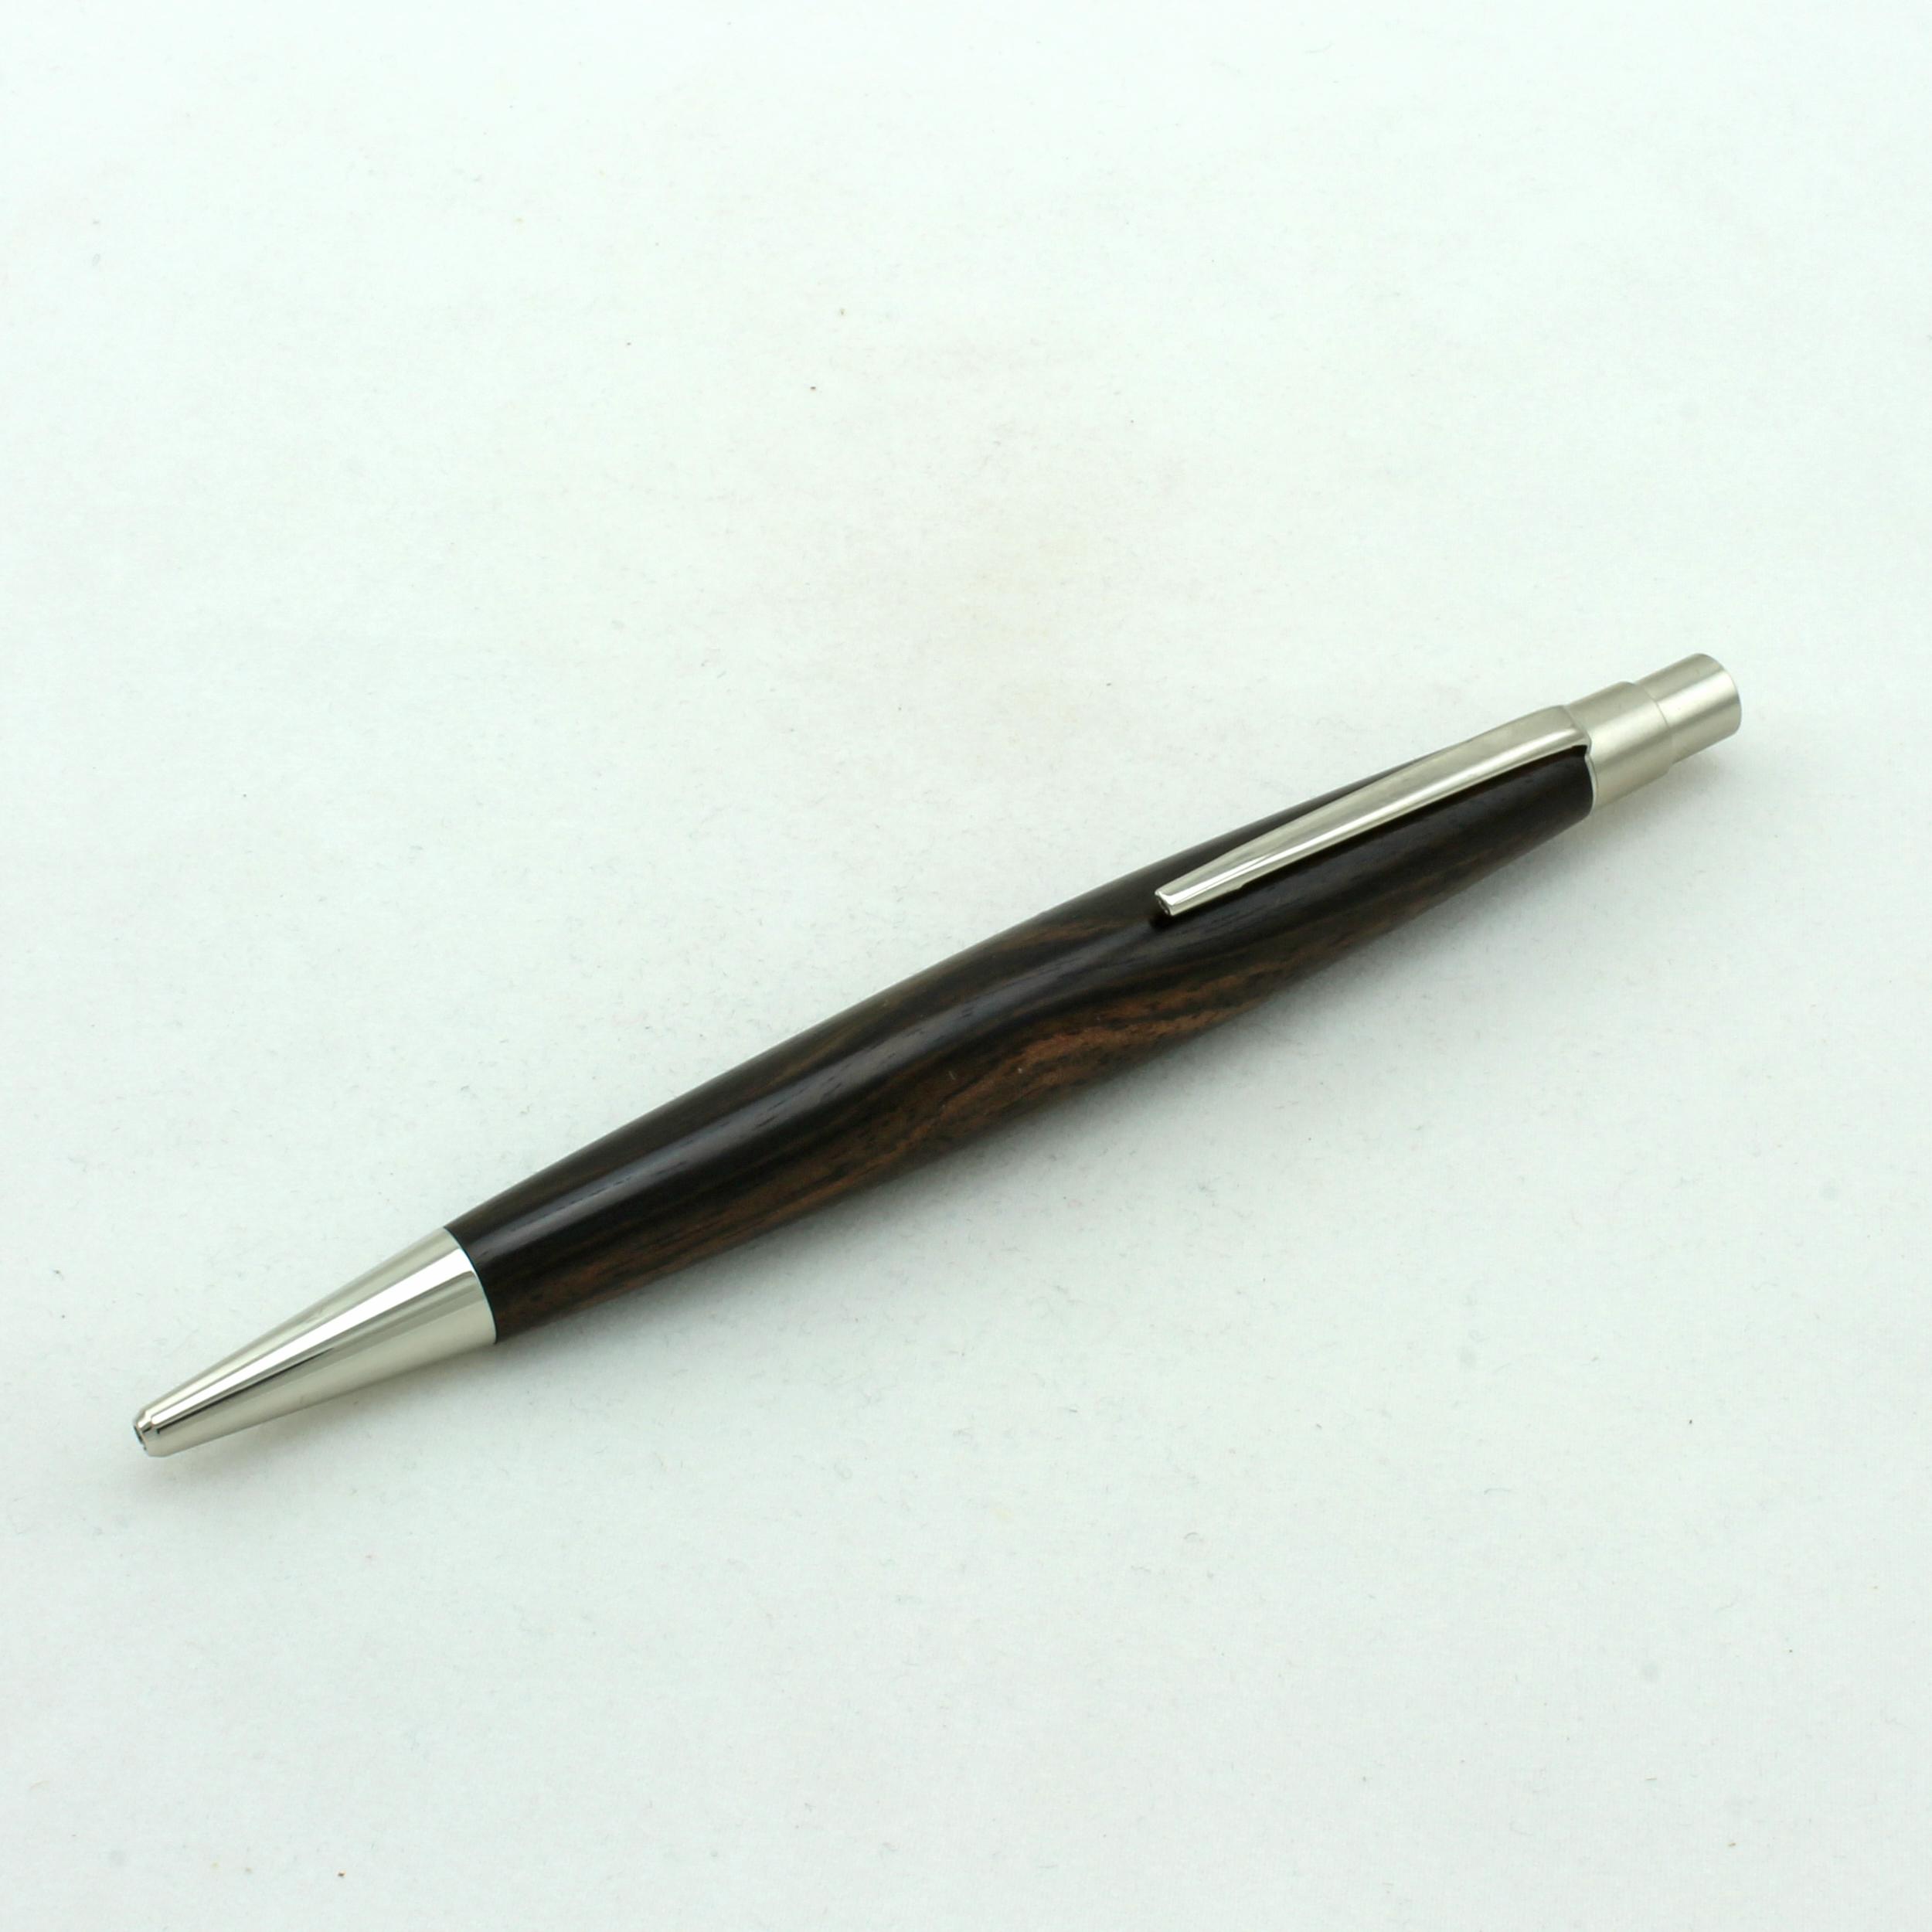 Klick-Kugelschreiber Berlin Makassar Ebenholz